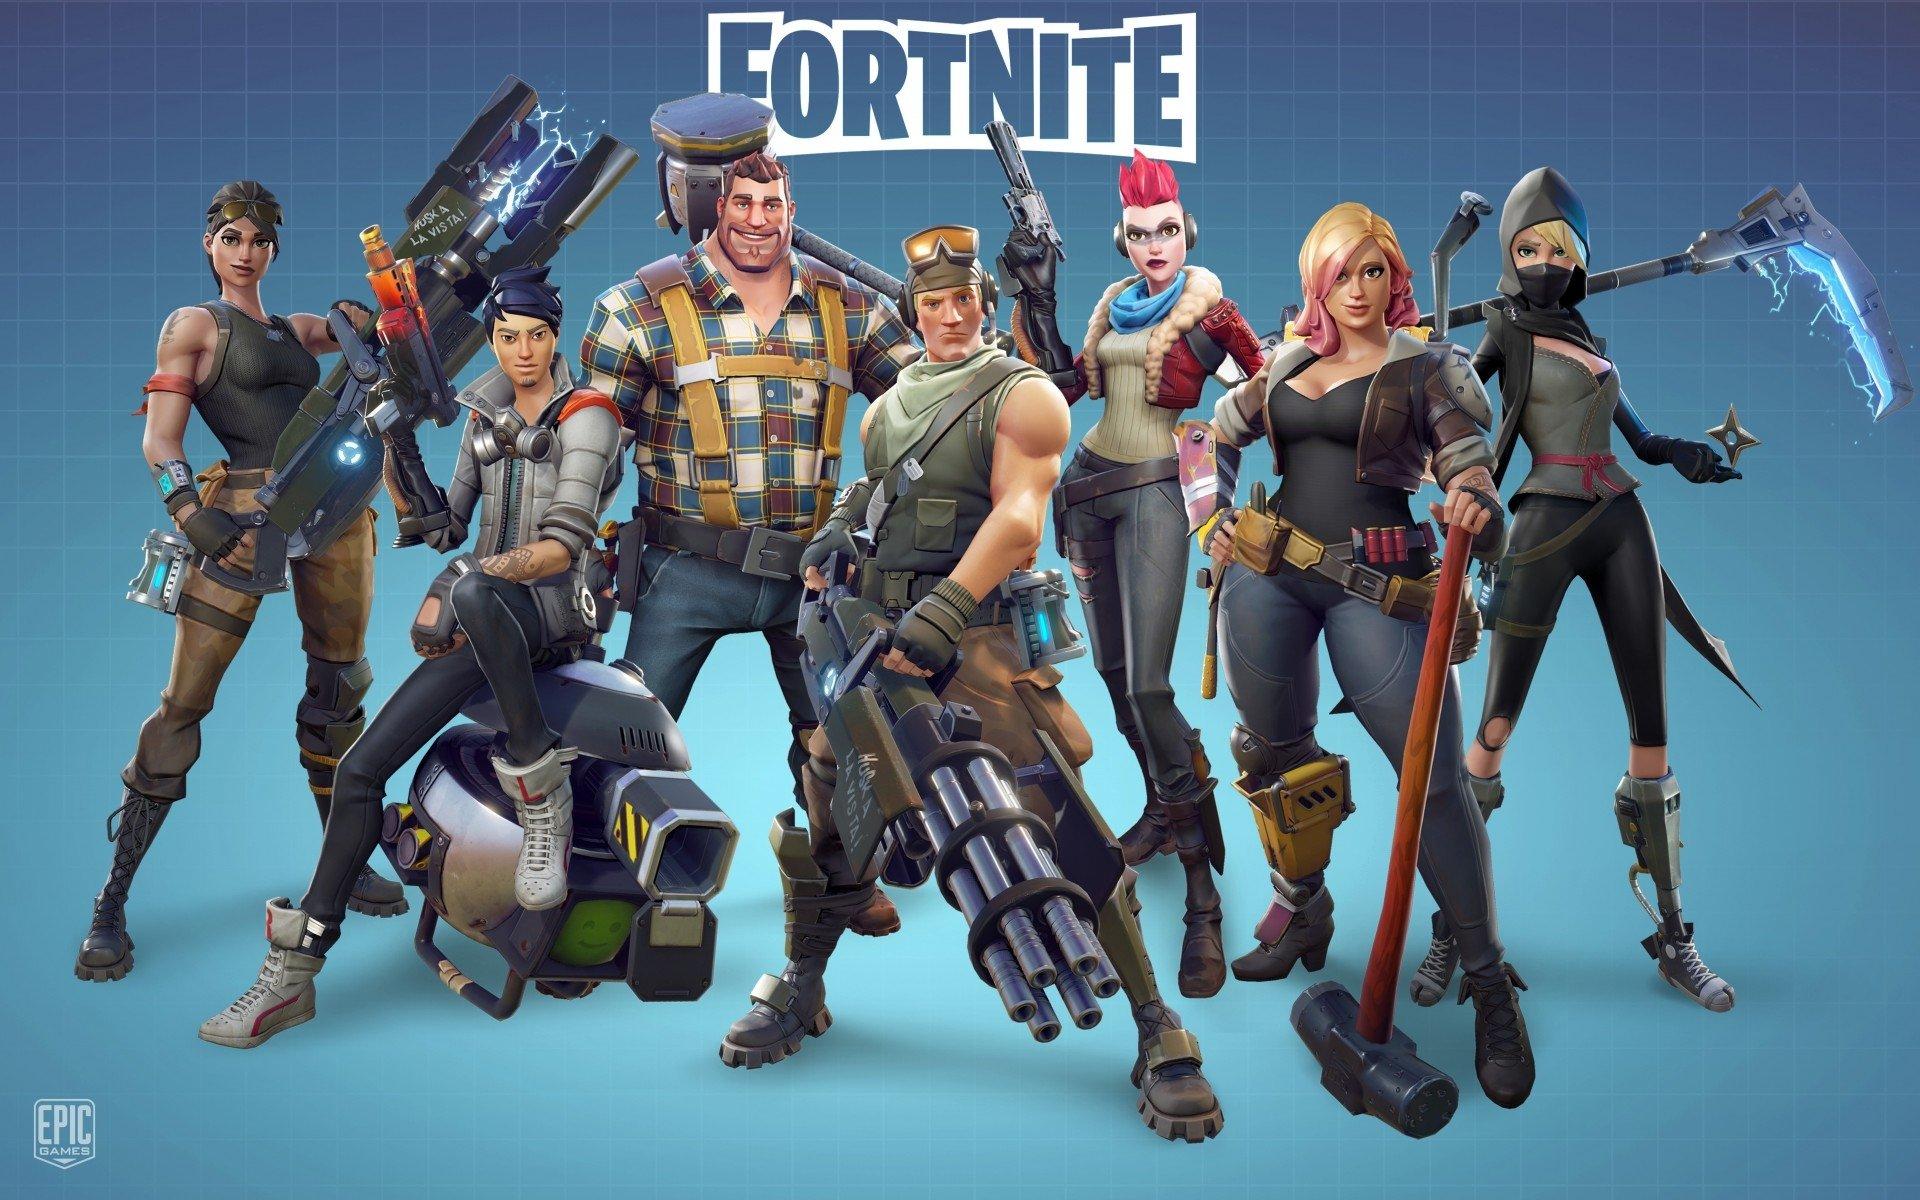 Fortnite Reaches 200 million player mark